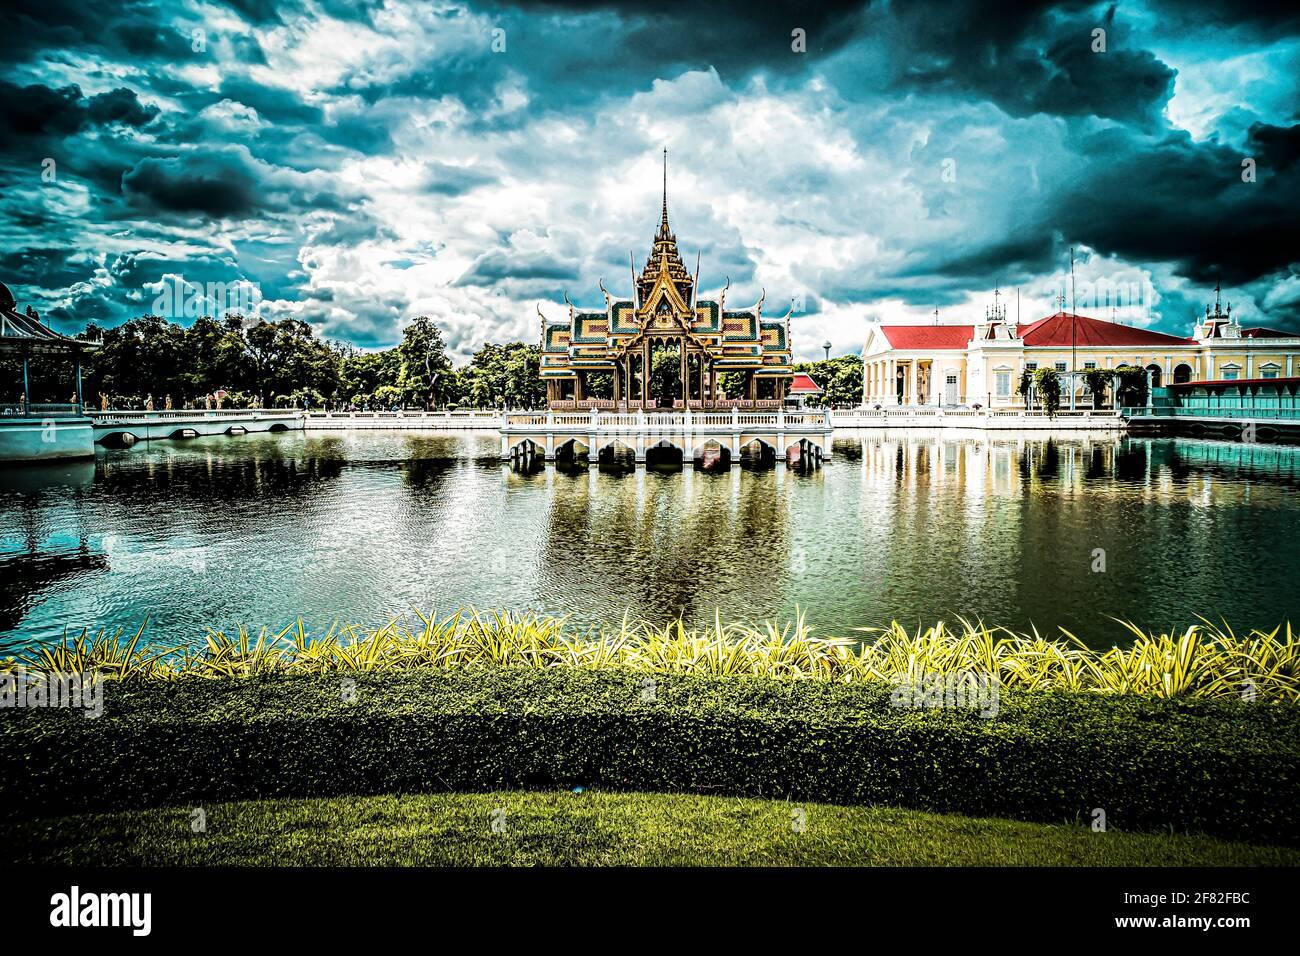 Aisawan-Dhipaya-Asana Pabellón histórico edificio histórico monumento arquitectura de viajes en Ayutthaya Tailandia. Foto de stock